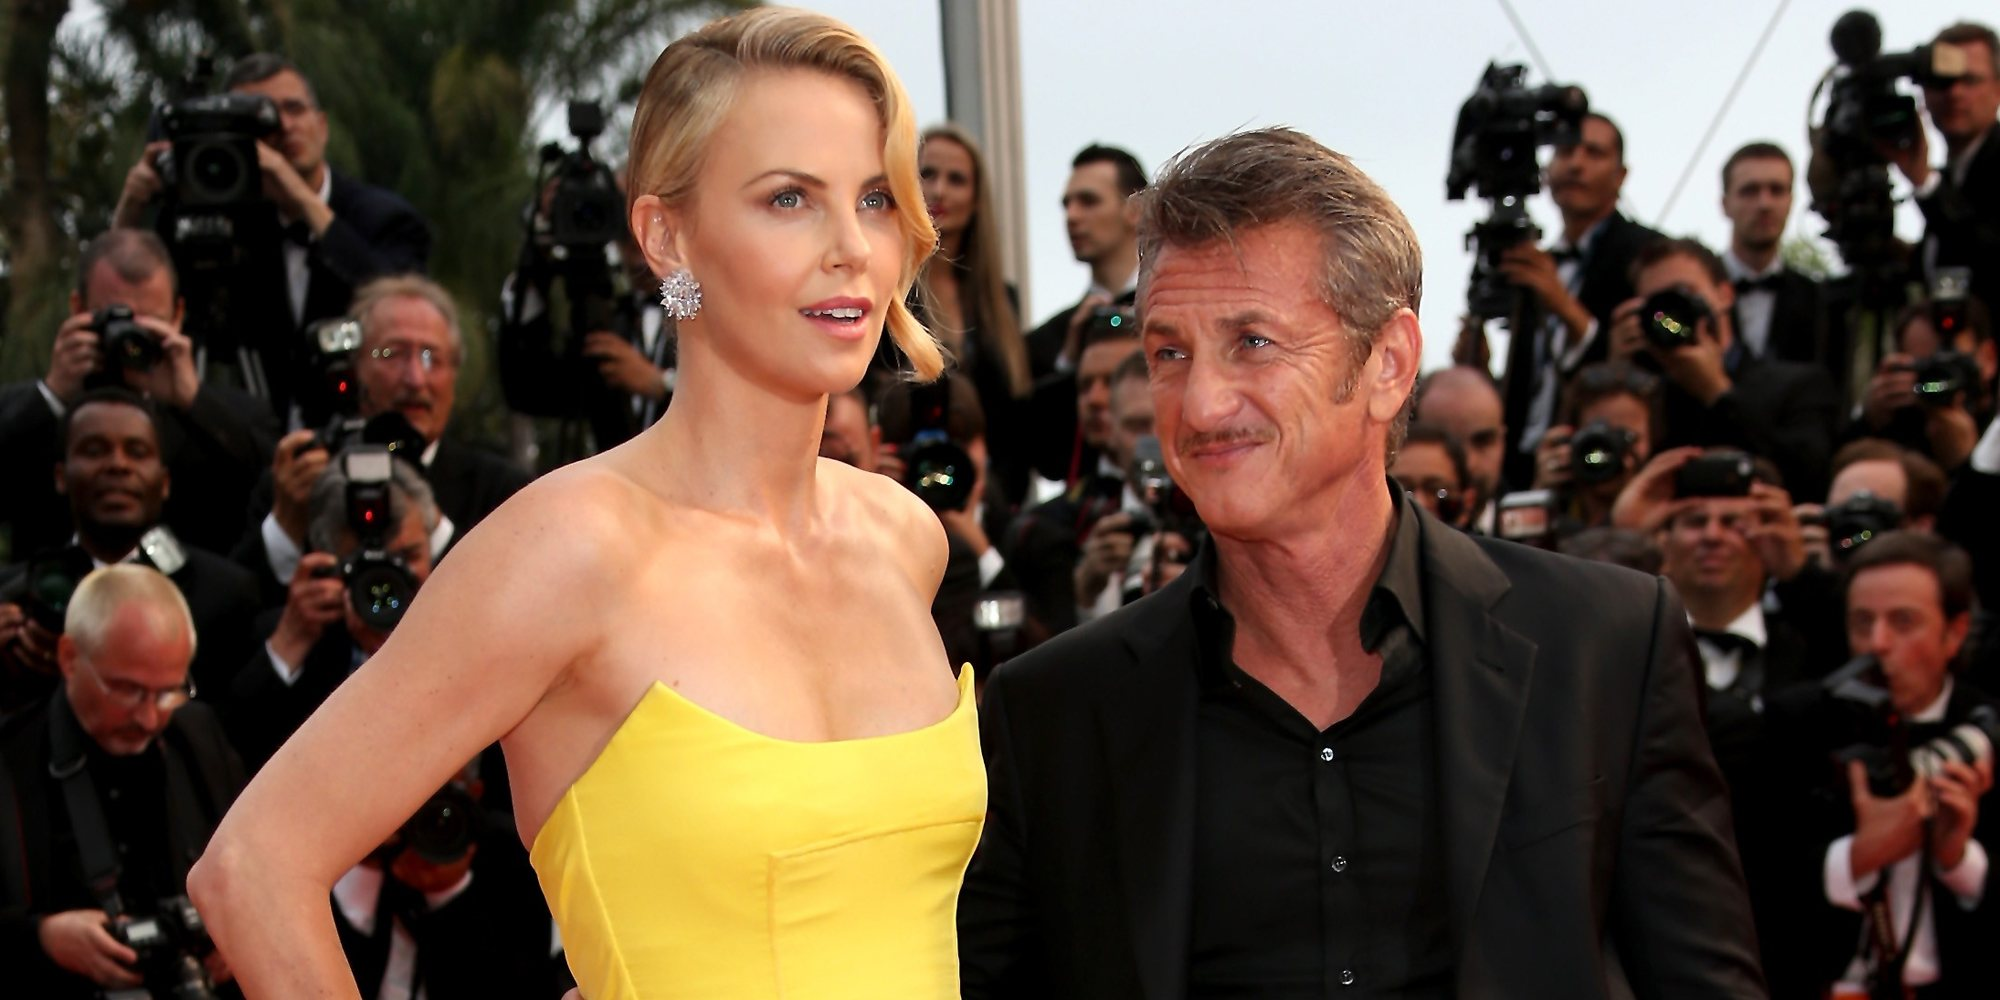 Enemigos Íntimos: ¿Cómo pasaron Charlize Theron y Sean Penn de la amistad al amor y del amor a la enemistad?